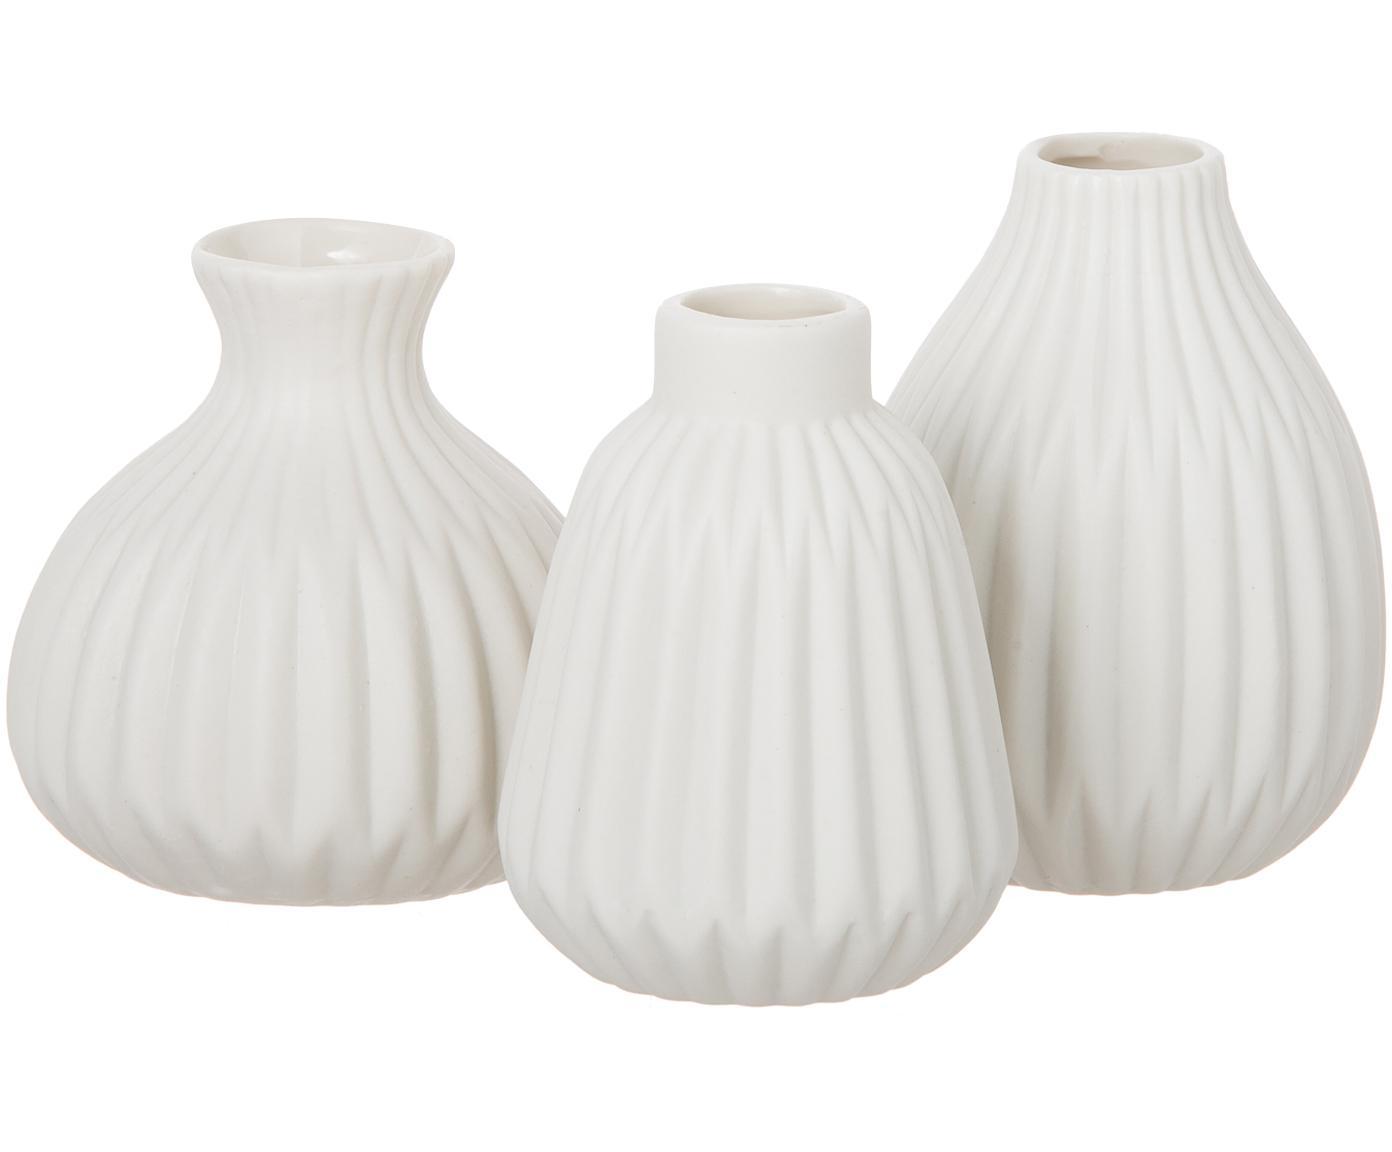 Kleines Vasen-Set Esko aus Porzellan, 3-tlg., Porzellan, Weiss, Verschiedene Grössen